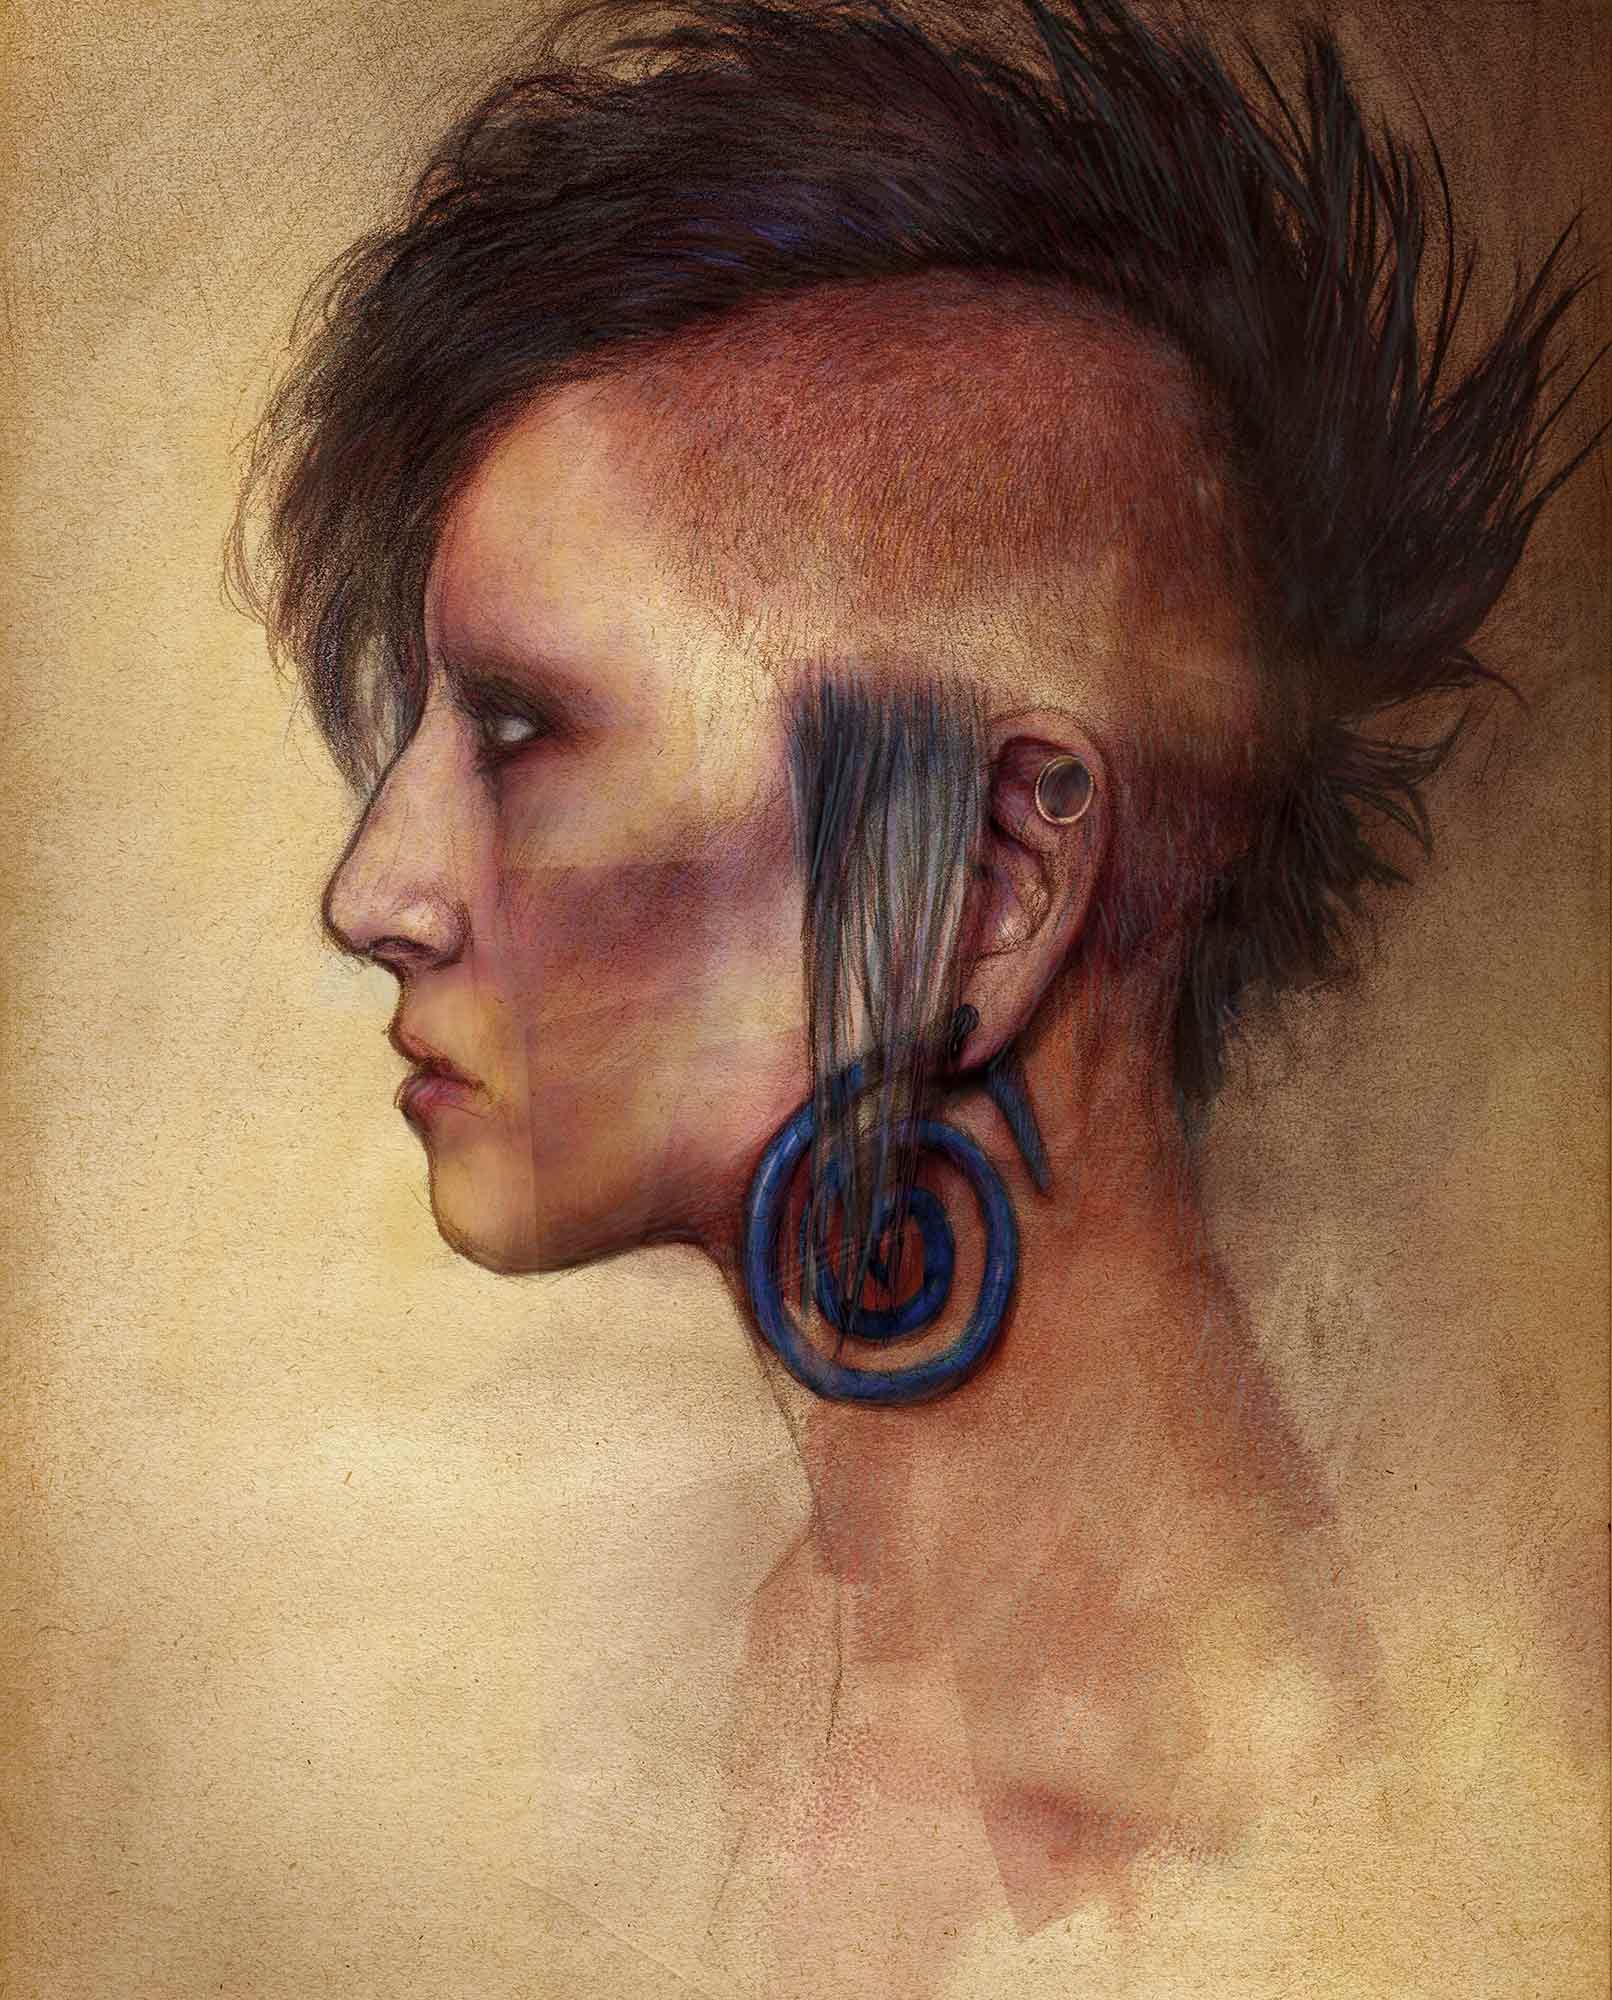 Mario Jodra illustration Art - Punk girl head